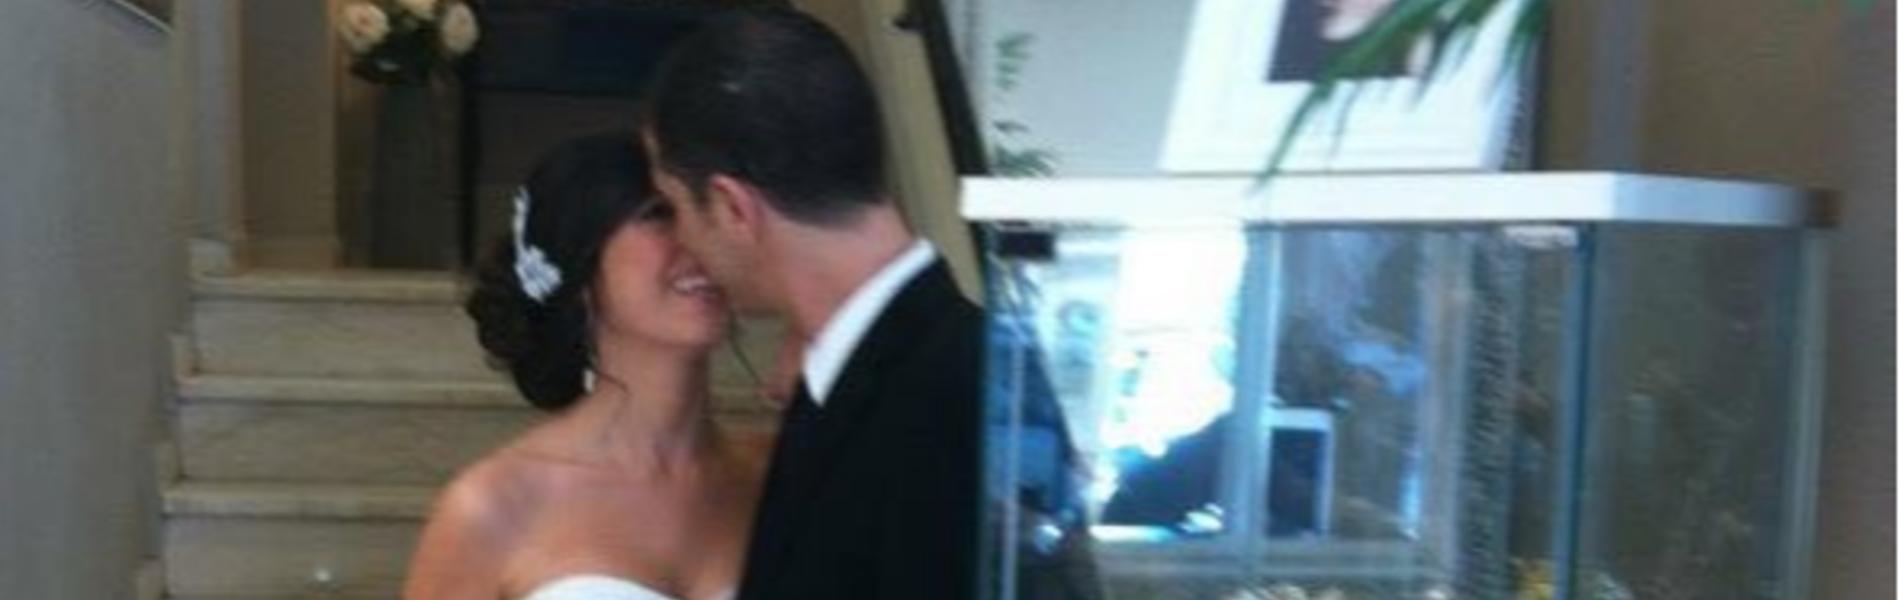 אלבומי חתונה: למה אני לא מעזה להסתכל על תמונות מהחתונה שלי?